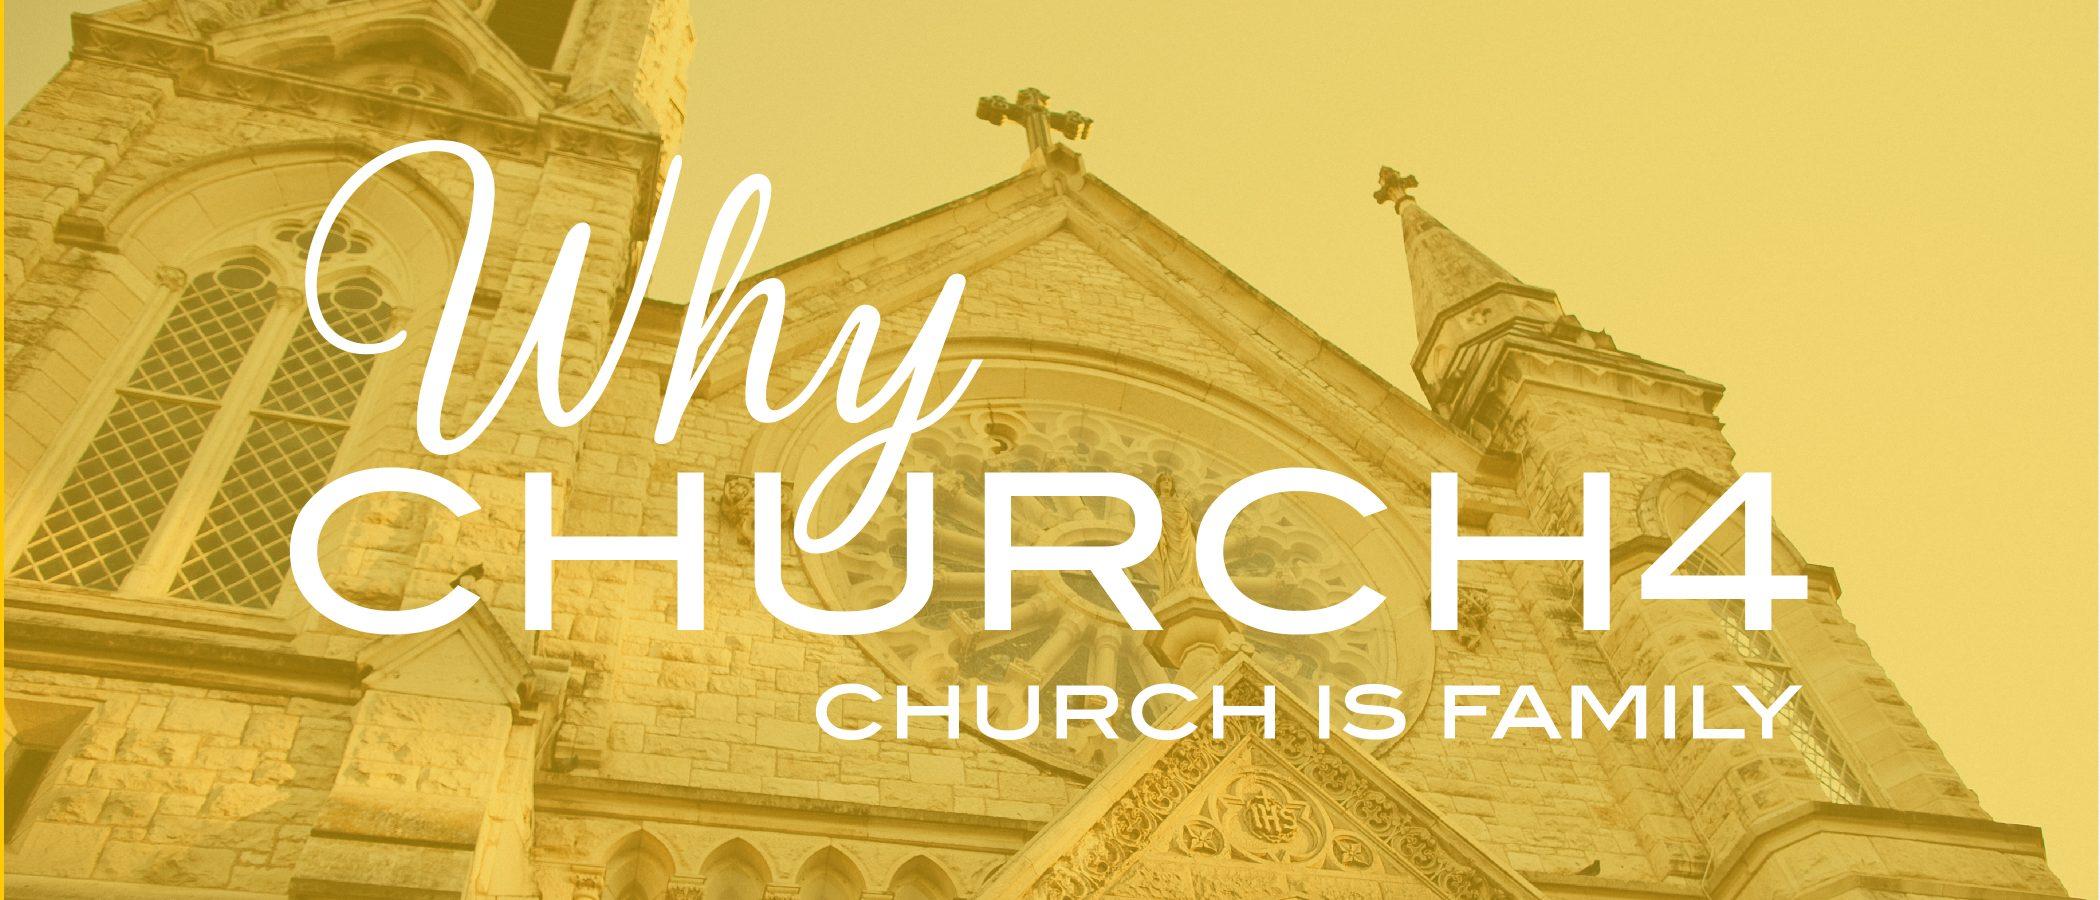 why-church-series-dq11brd-dq2021_church-is-family-web-banner2x-100